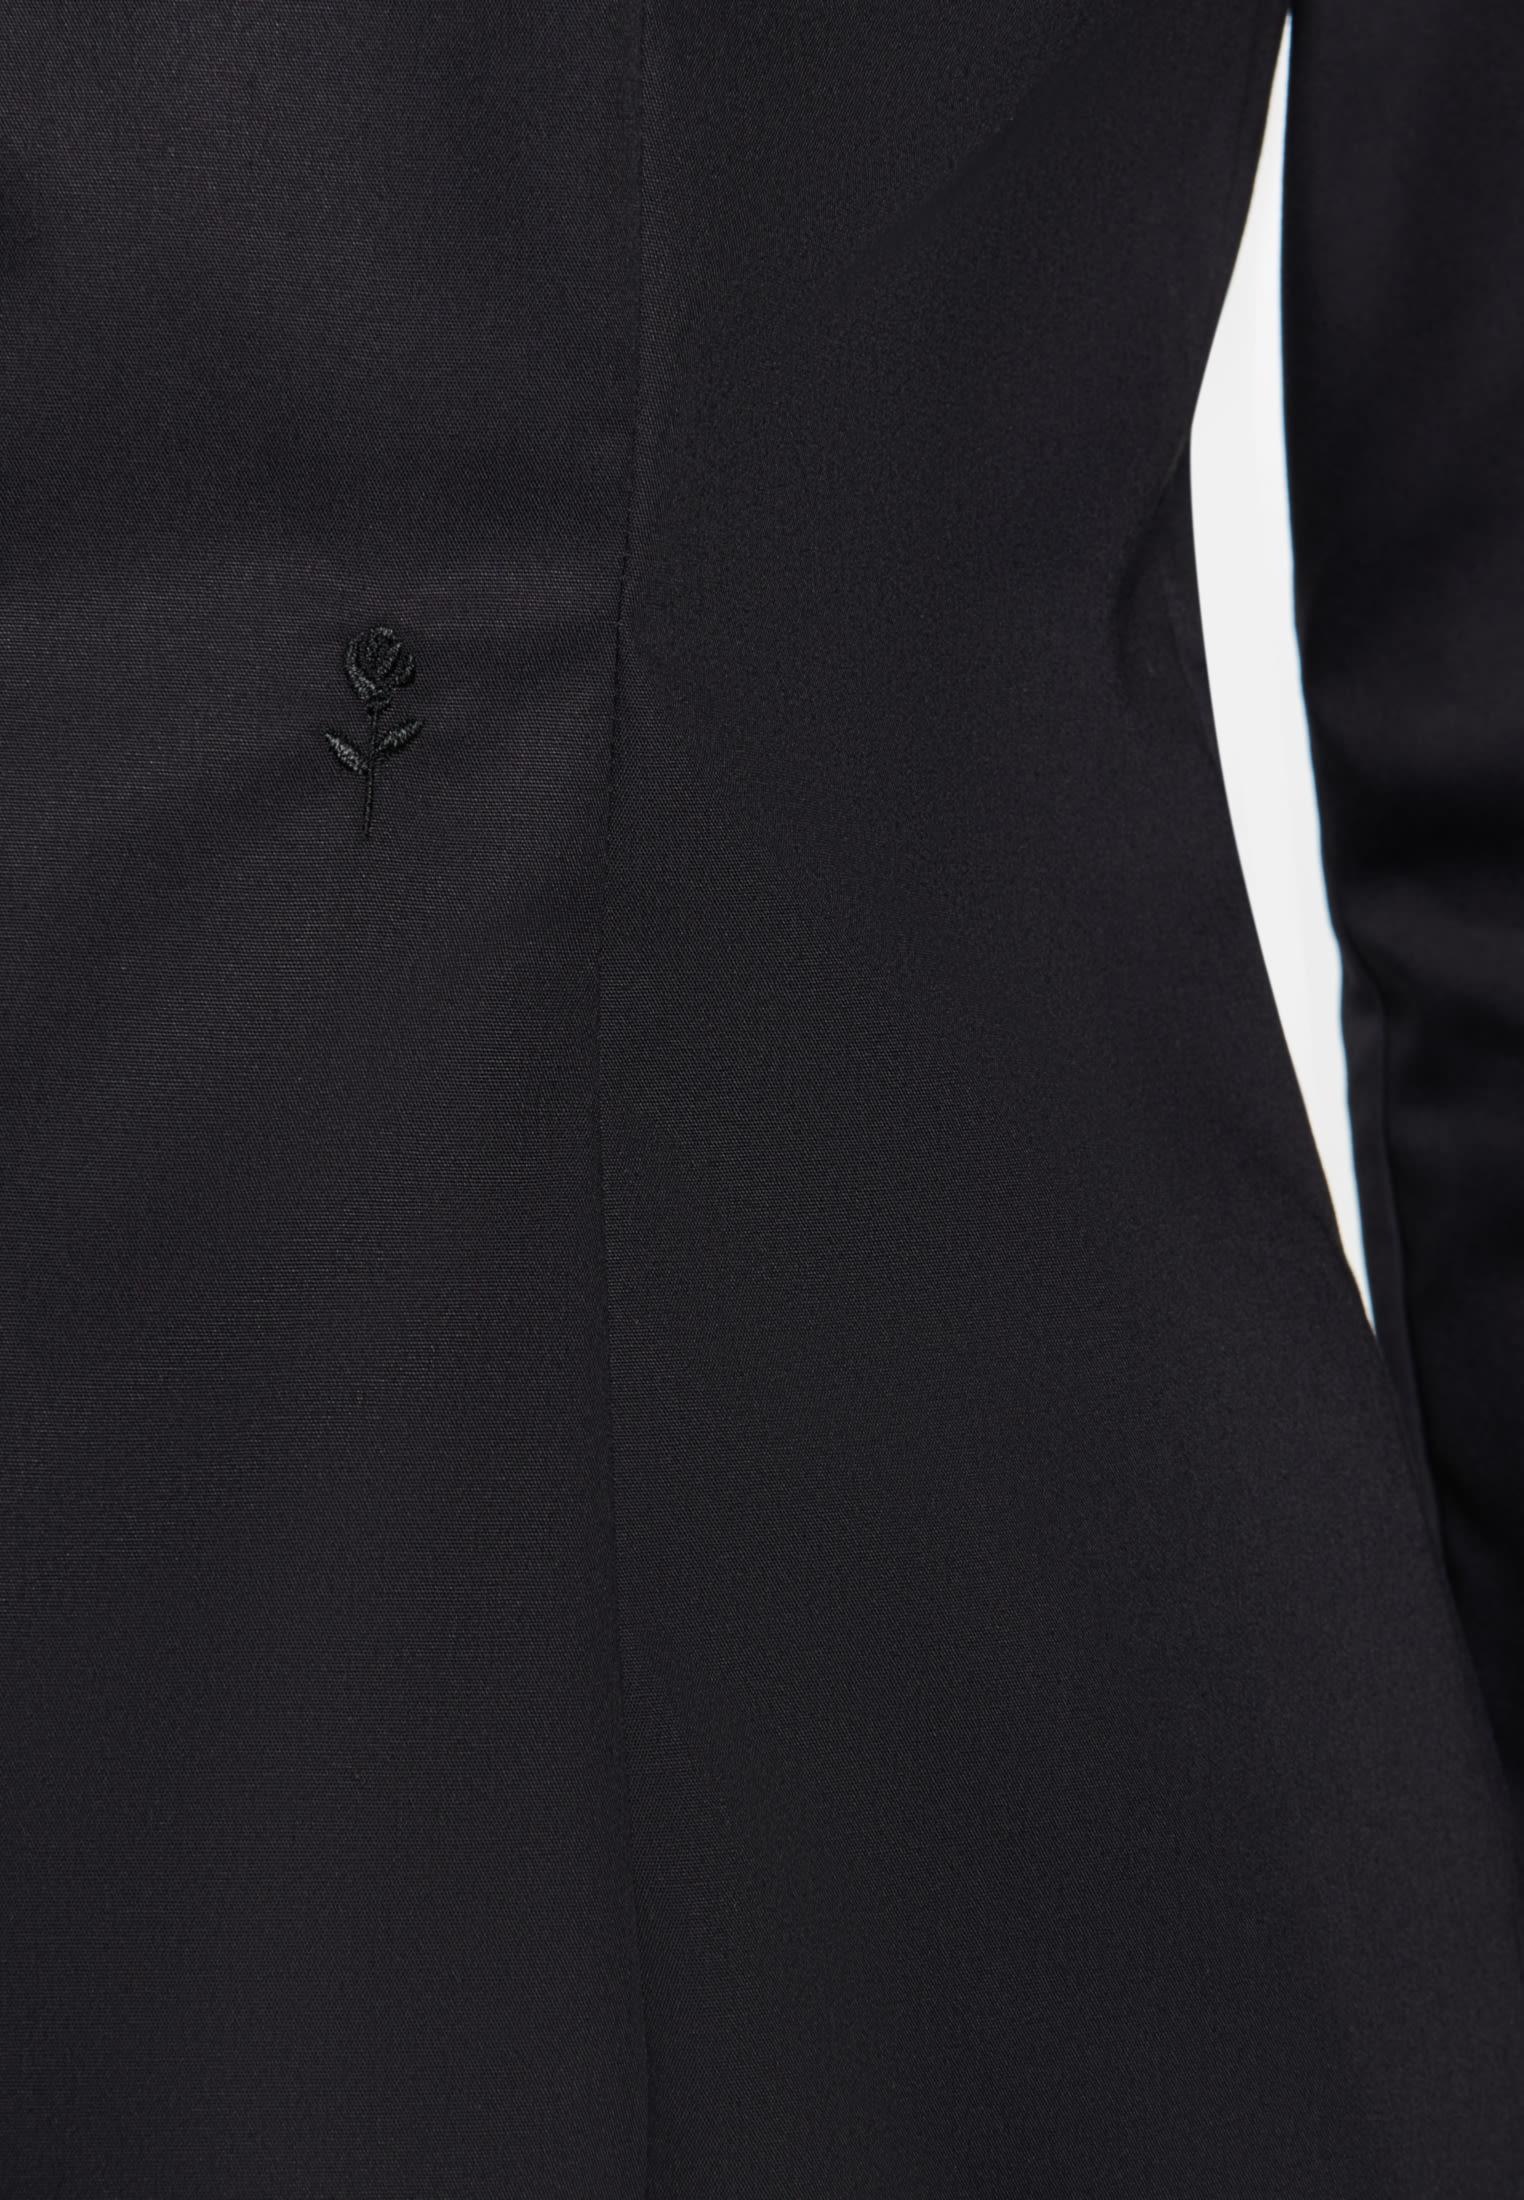 Bügelfreie Popeline Kelchkragenbluse aus 100% Baumwolle in Schwarz    Seidensticker Onlineshop